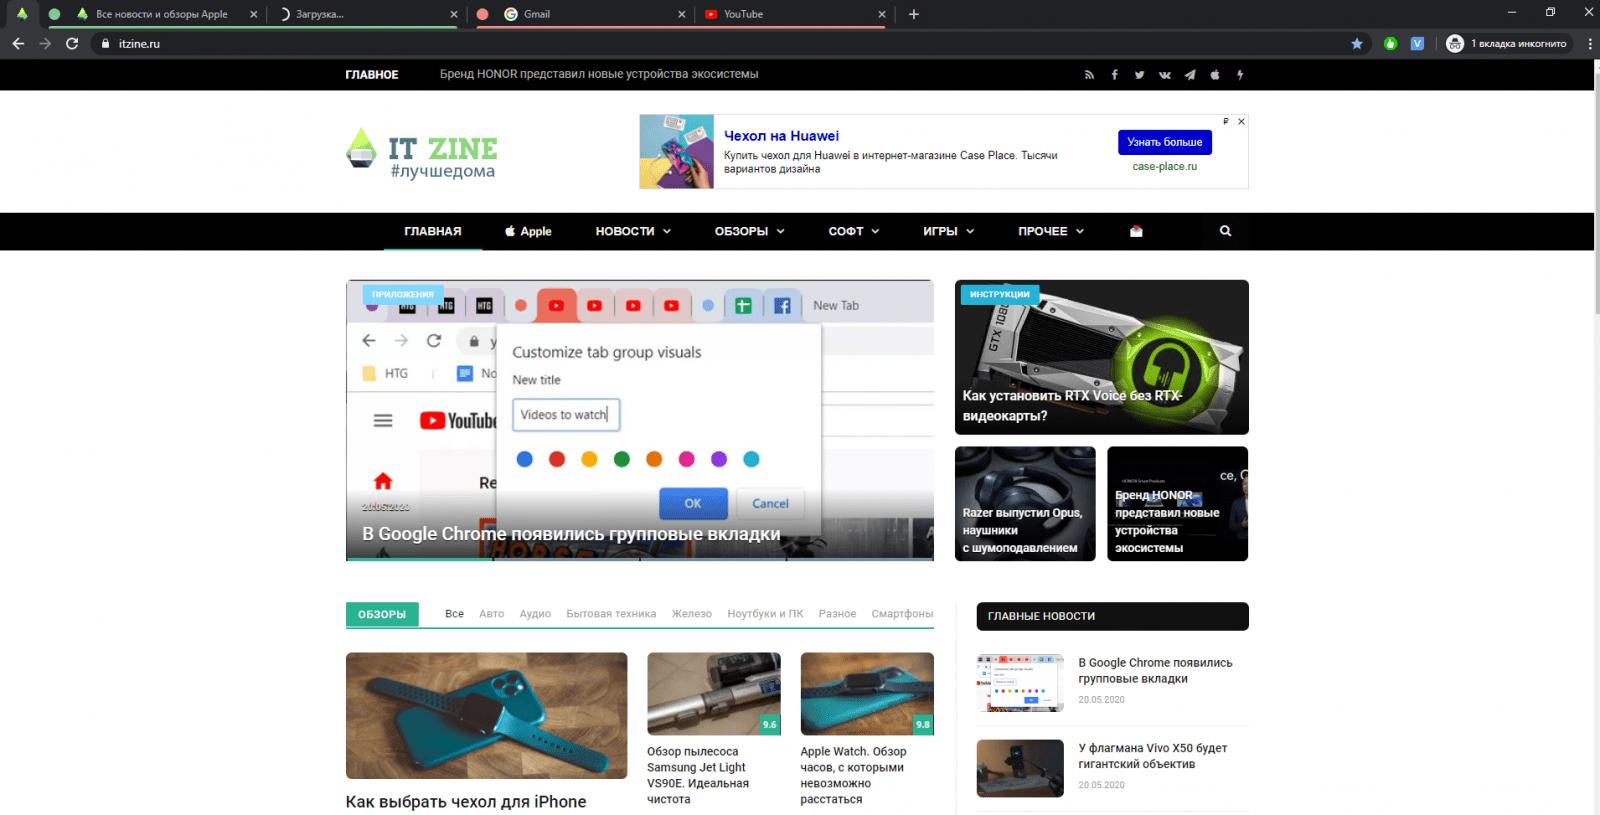 В Google Chrome появились групповые вкладки (image 6)